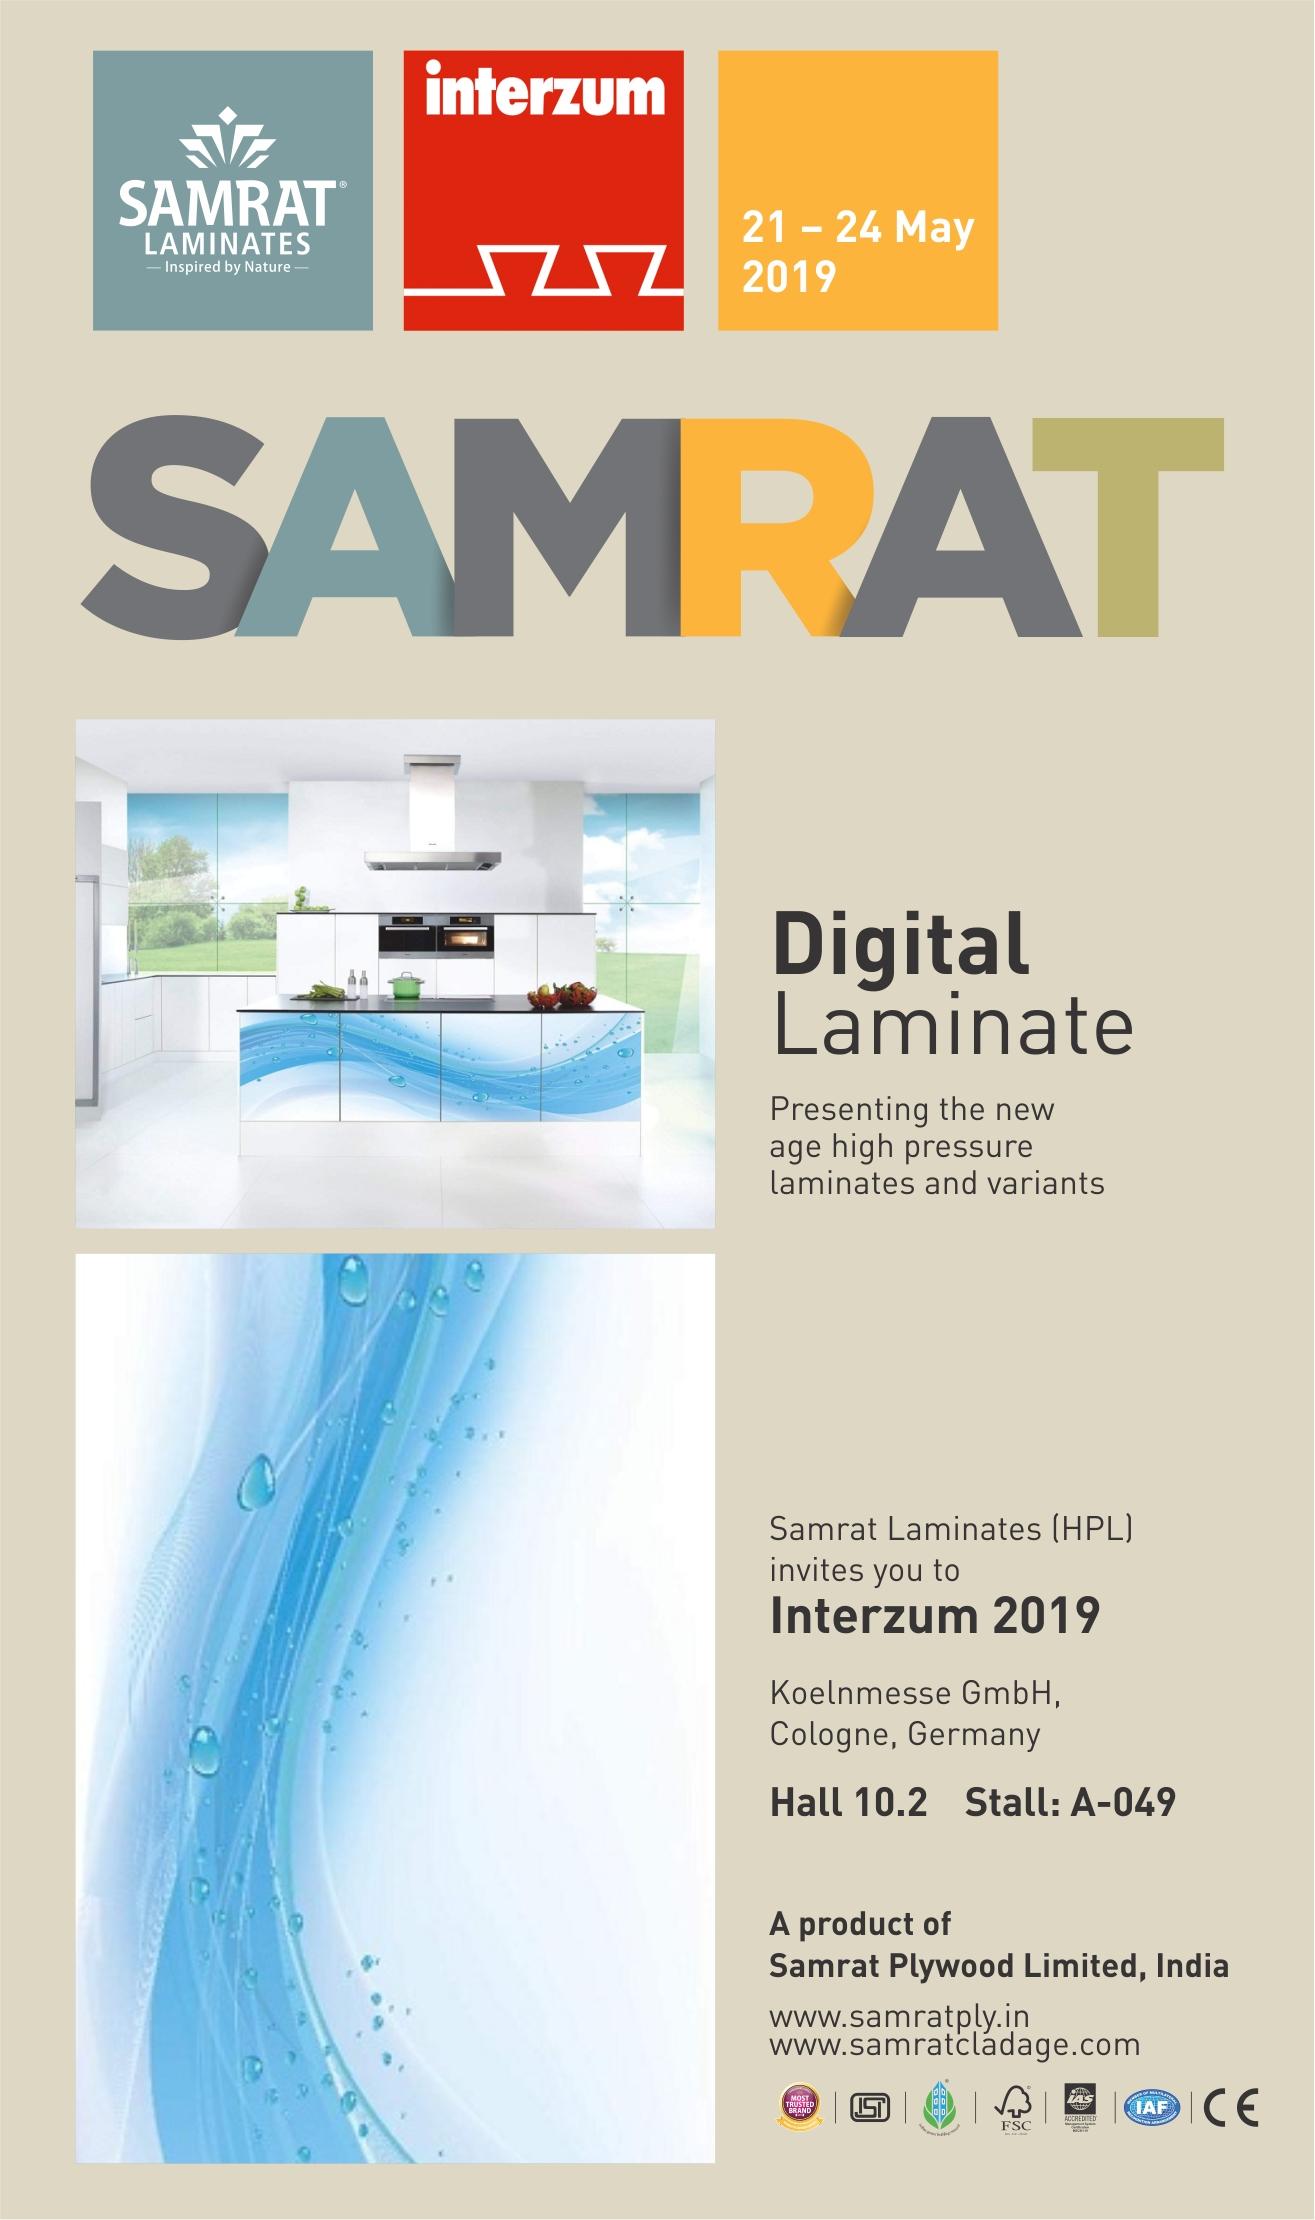 digital-laminates